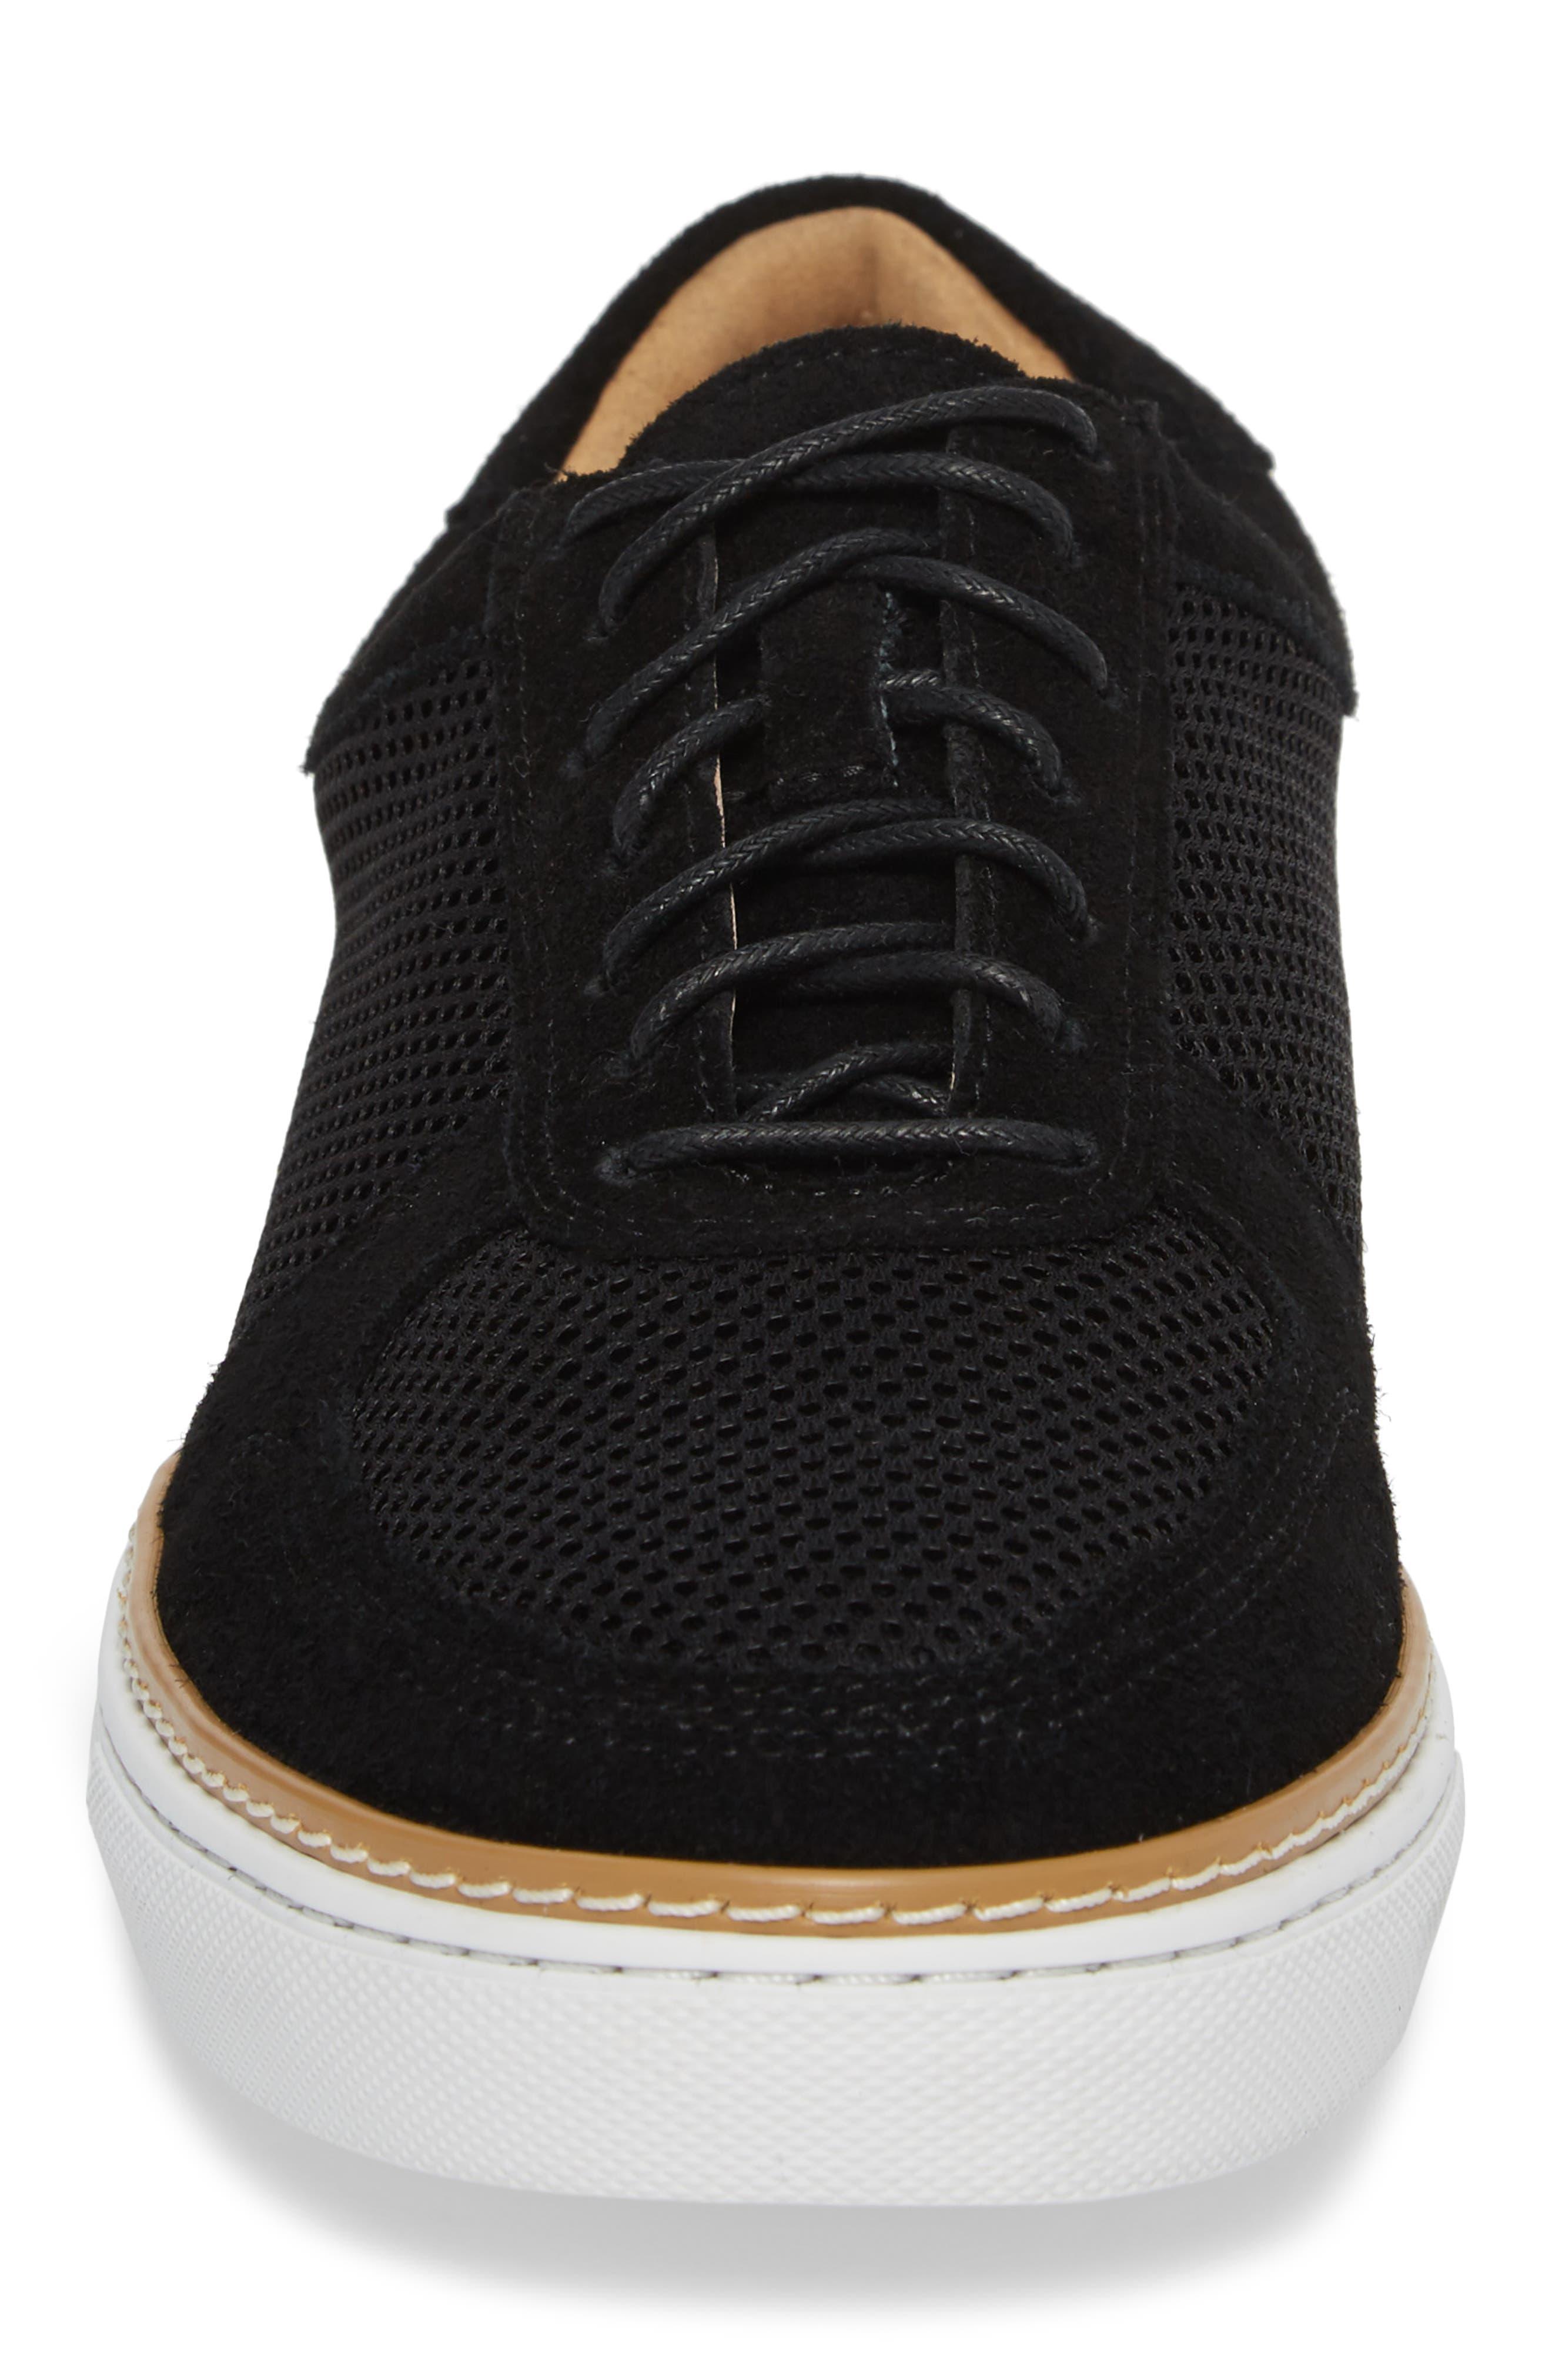 Landseer Mesh Sneaker,                             Alternate thumbnail 4, color,                             BLACK SUEDE/ MESH